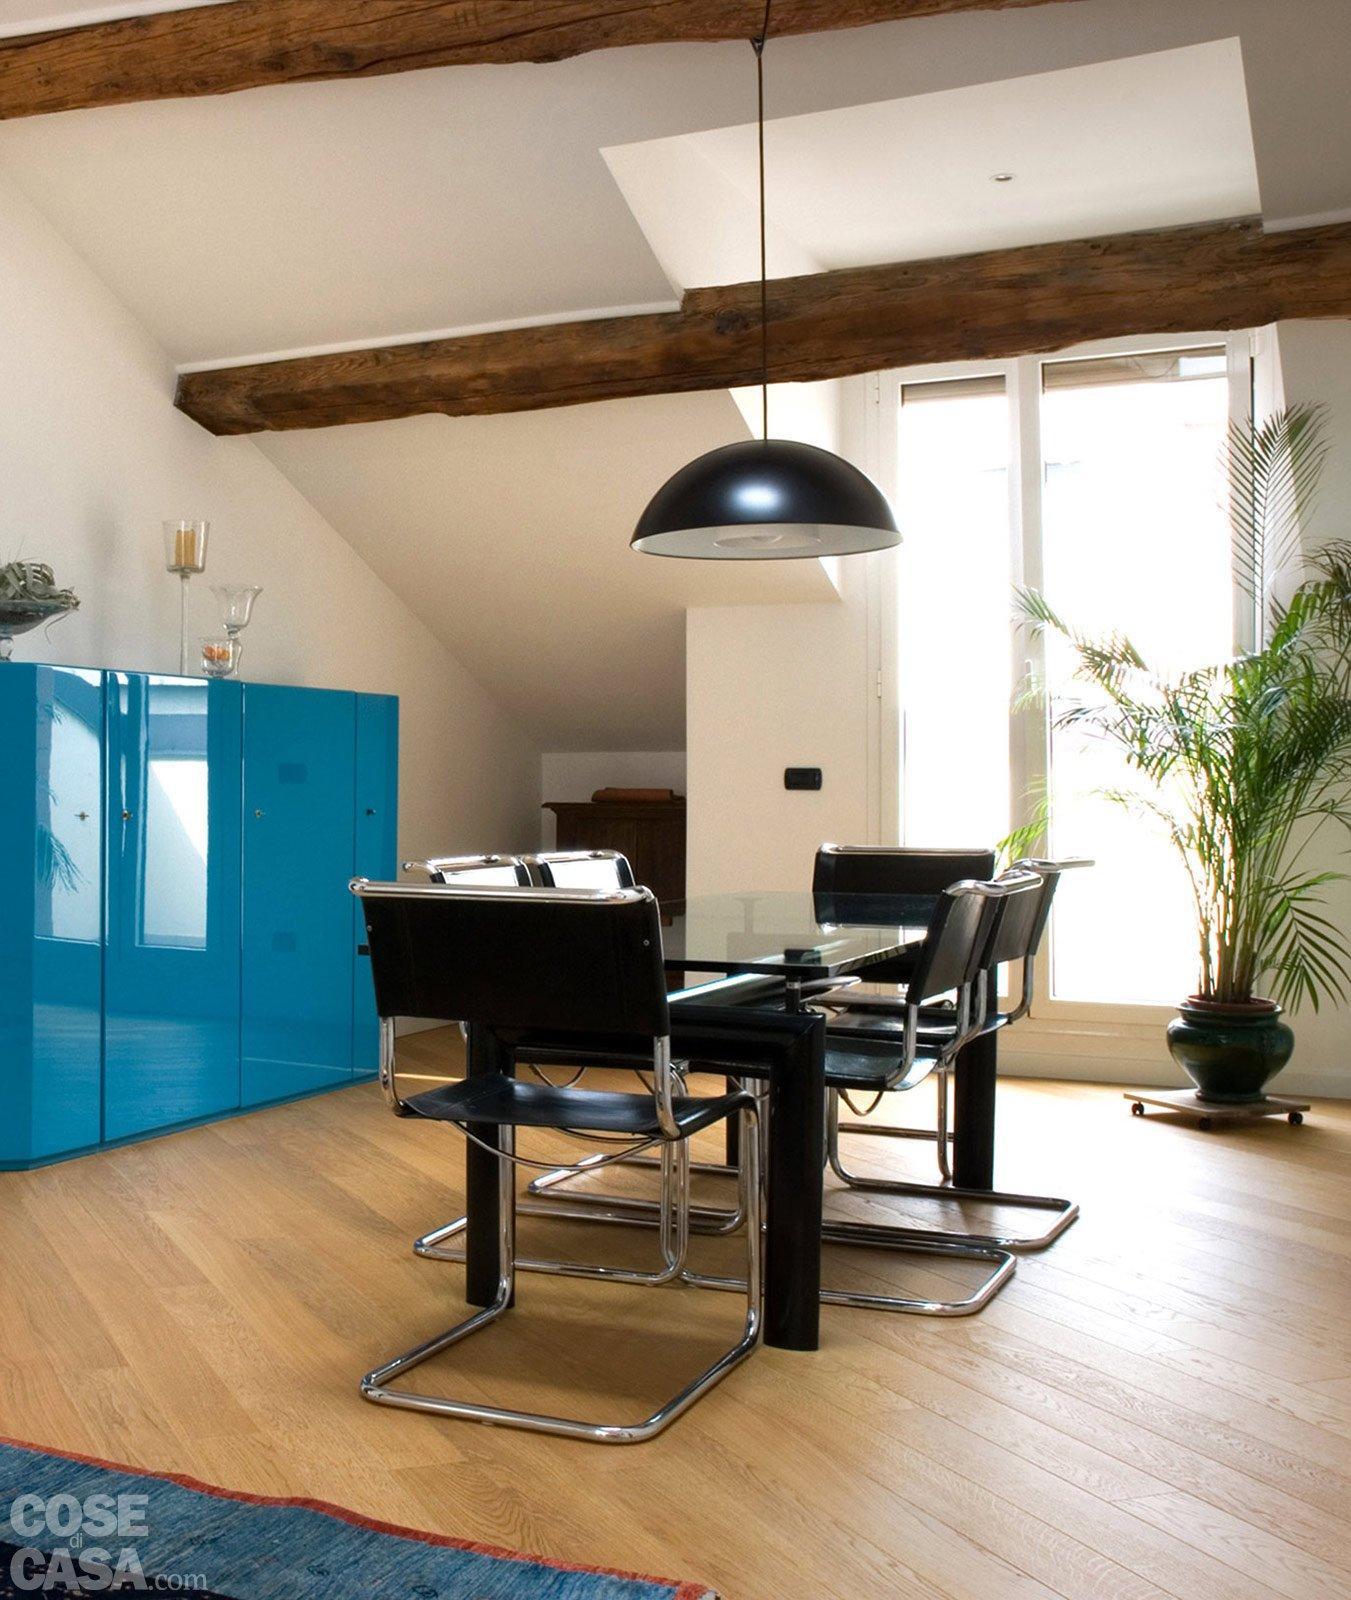 Sottotetto: Una Casa Con Travi A Vista Cose Di Casa #116A89 1351 1600 Lampadario Per Sala Da Pranzo